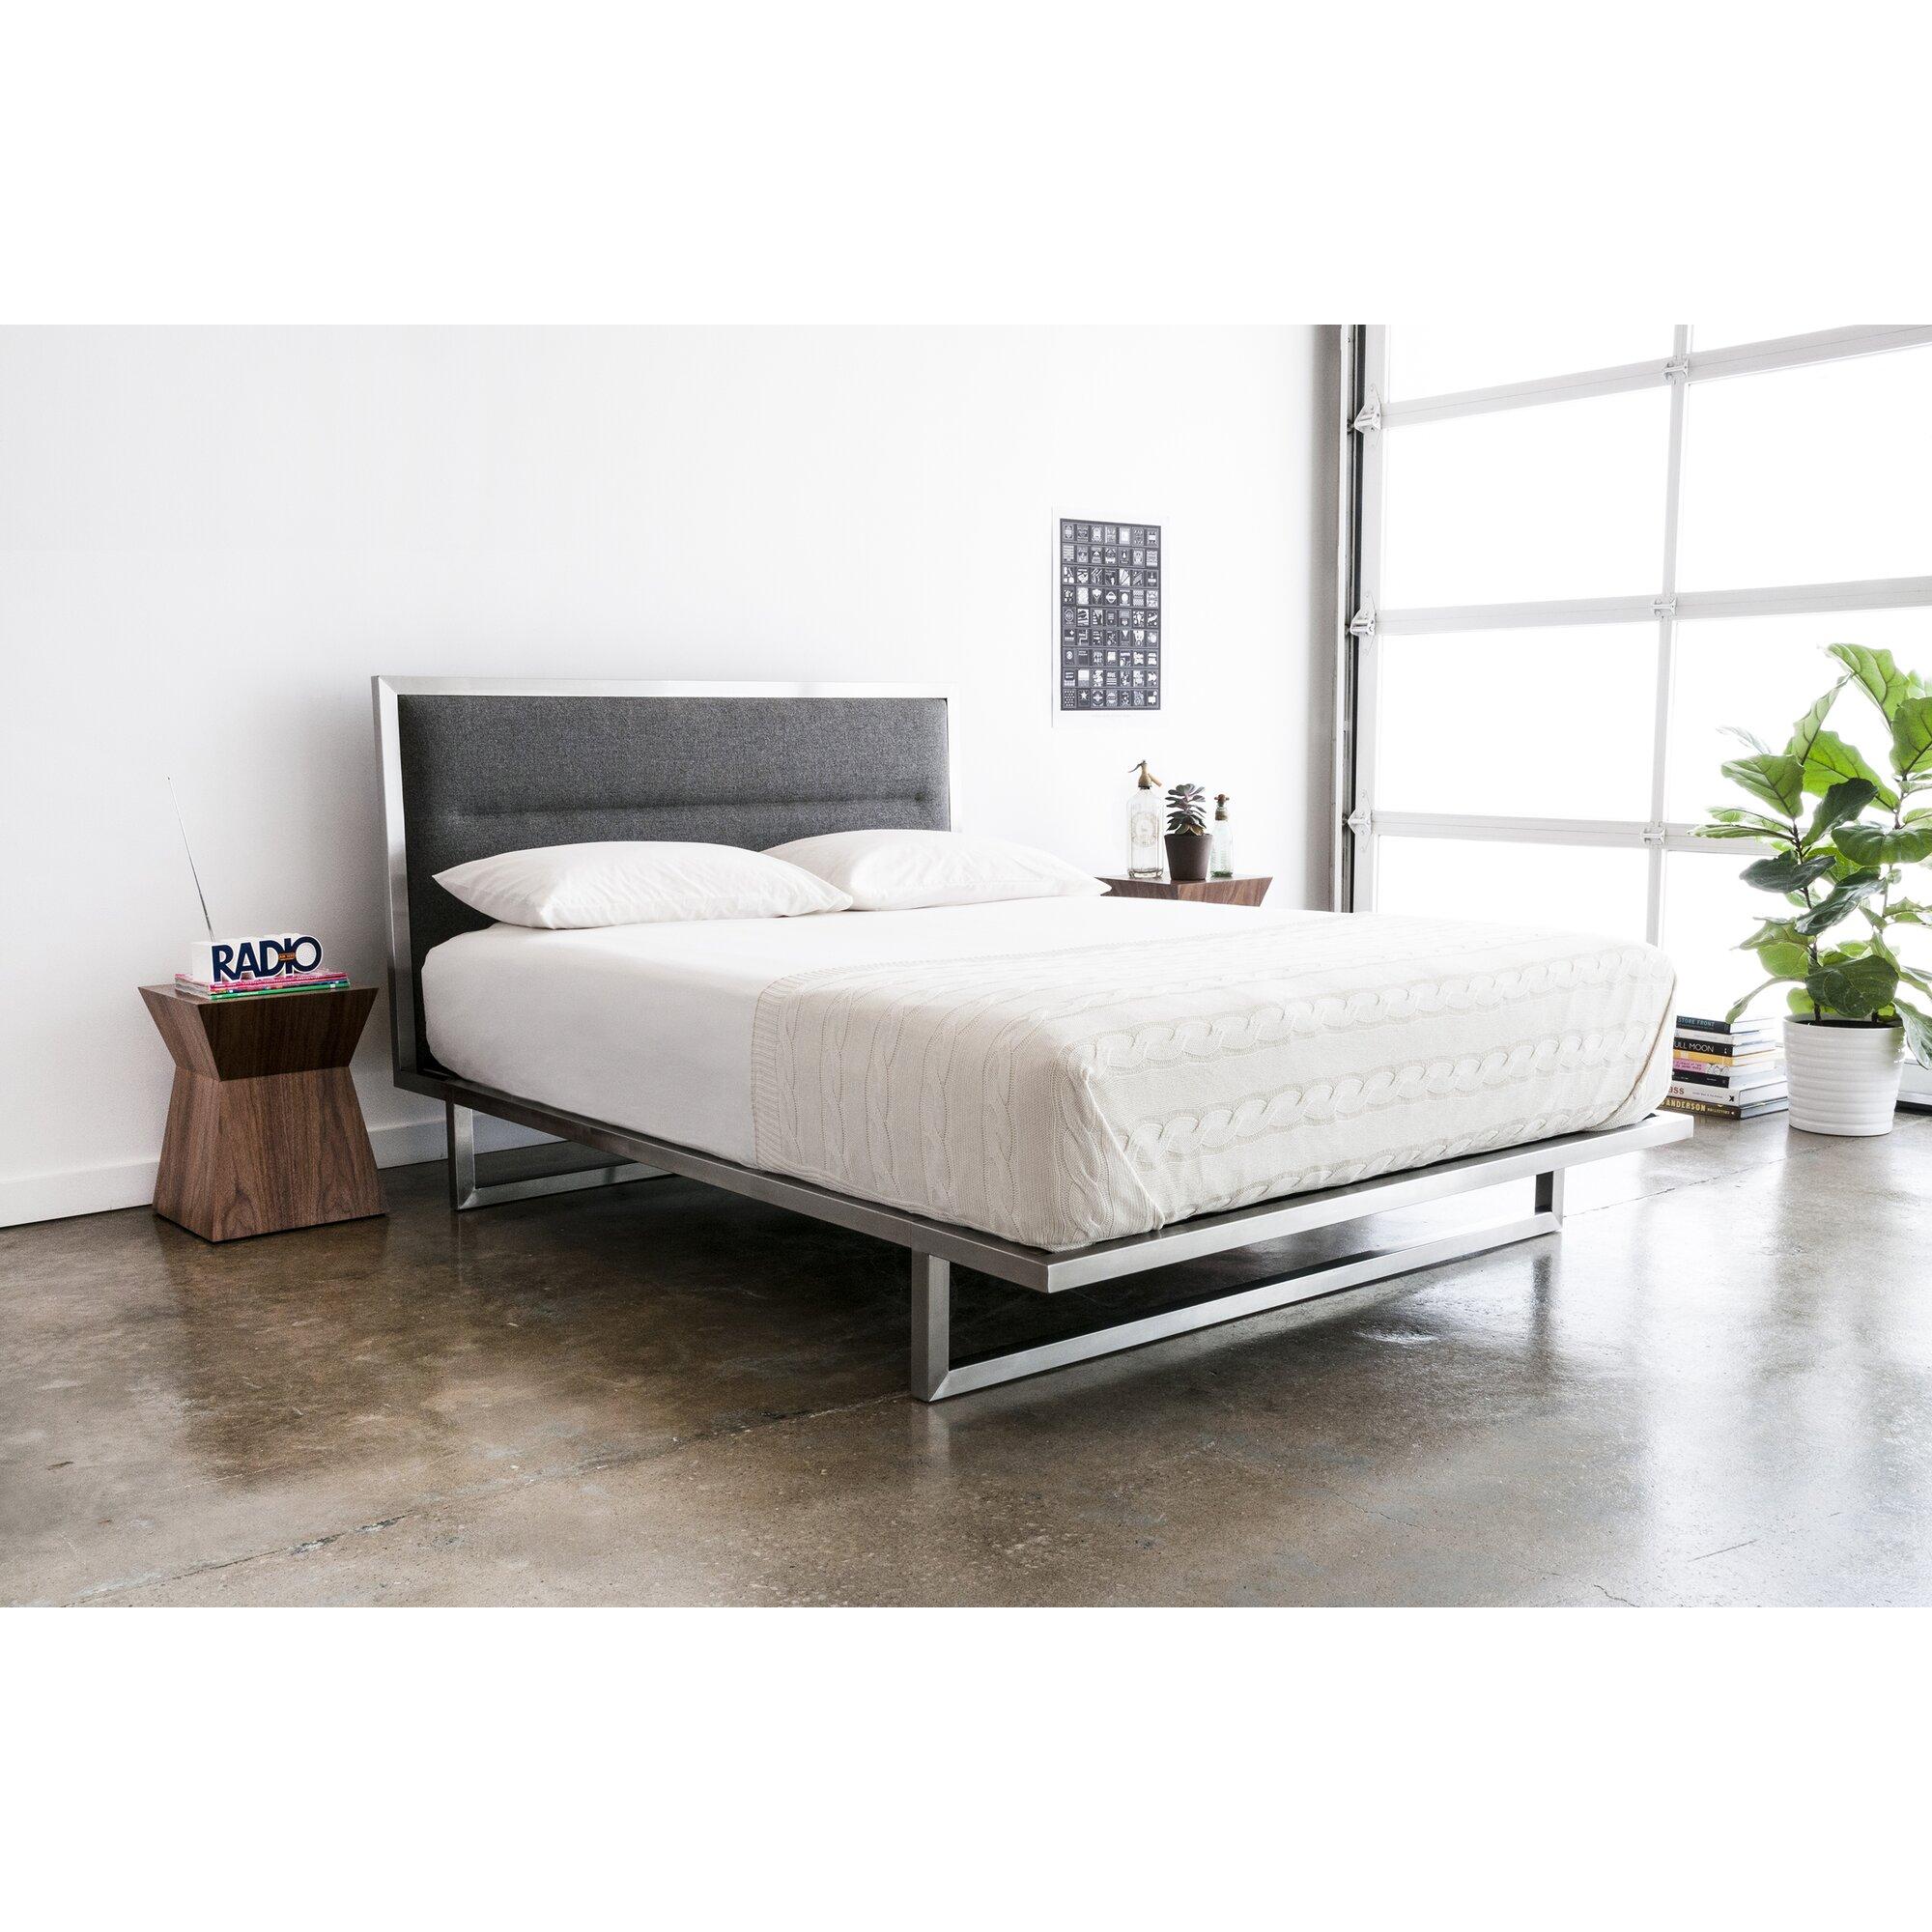 Midway upholstered platform bed reviews allmodern - Seagrass platform bed ...